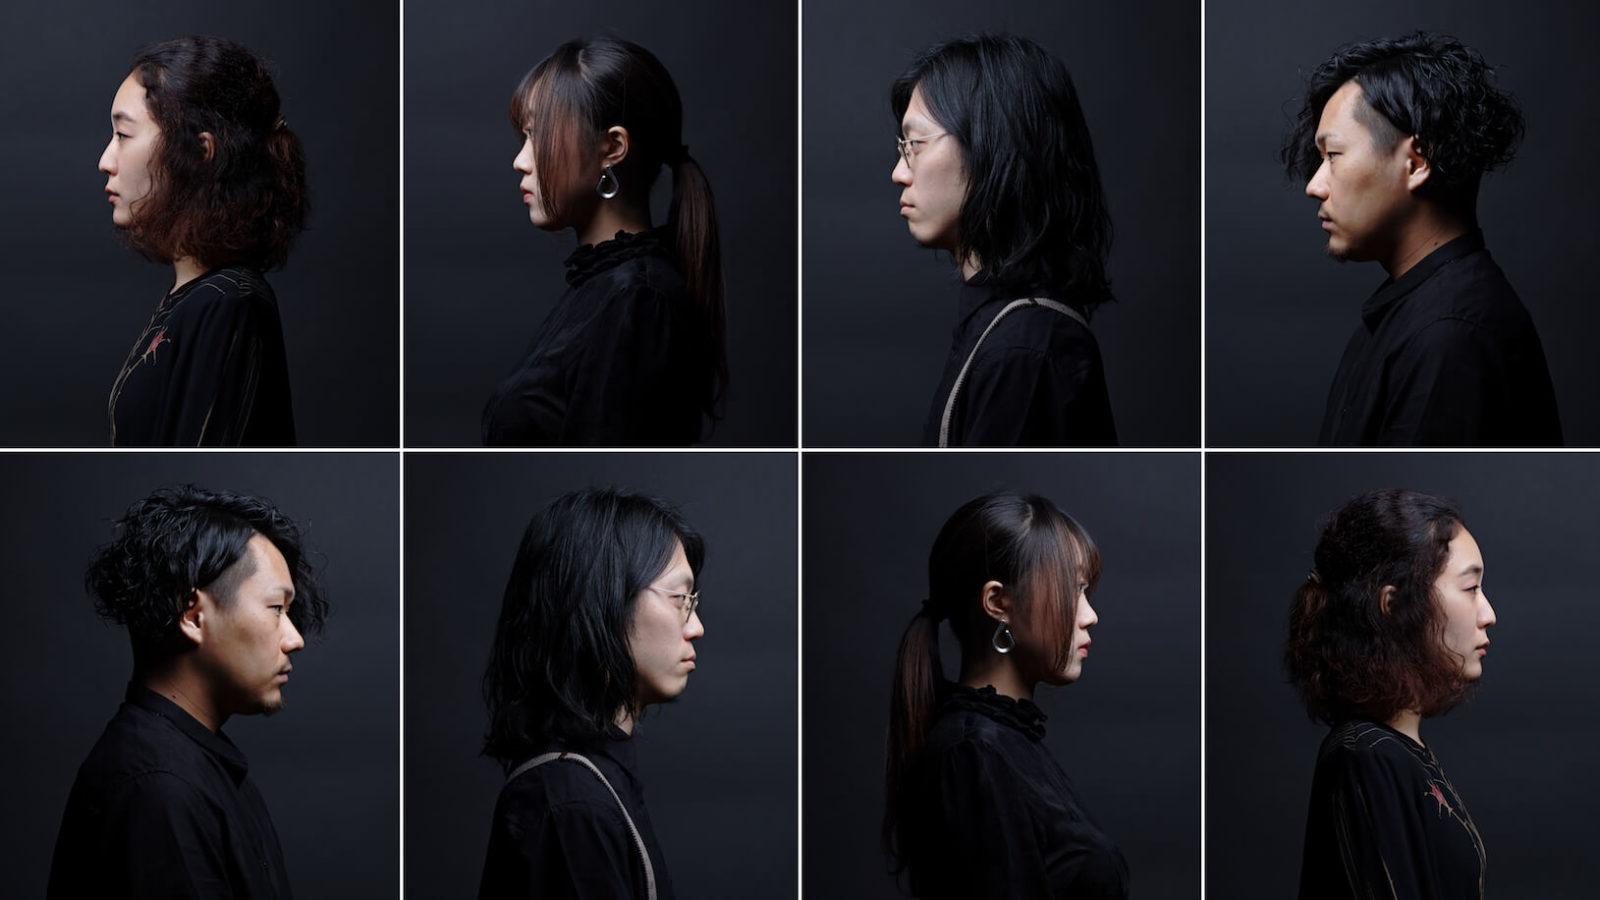 ペンギンラッシュ、セカンドアルバム『七情舞』から「アンリベール」のMVを公開サムネイル画像